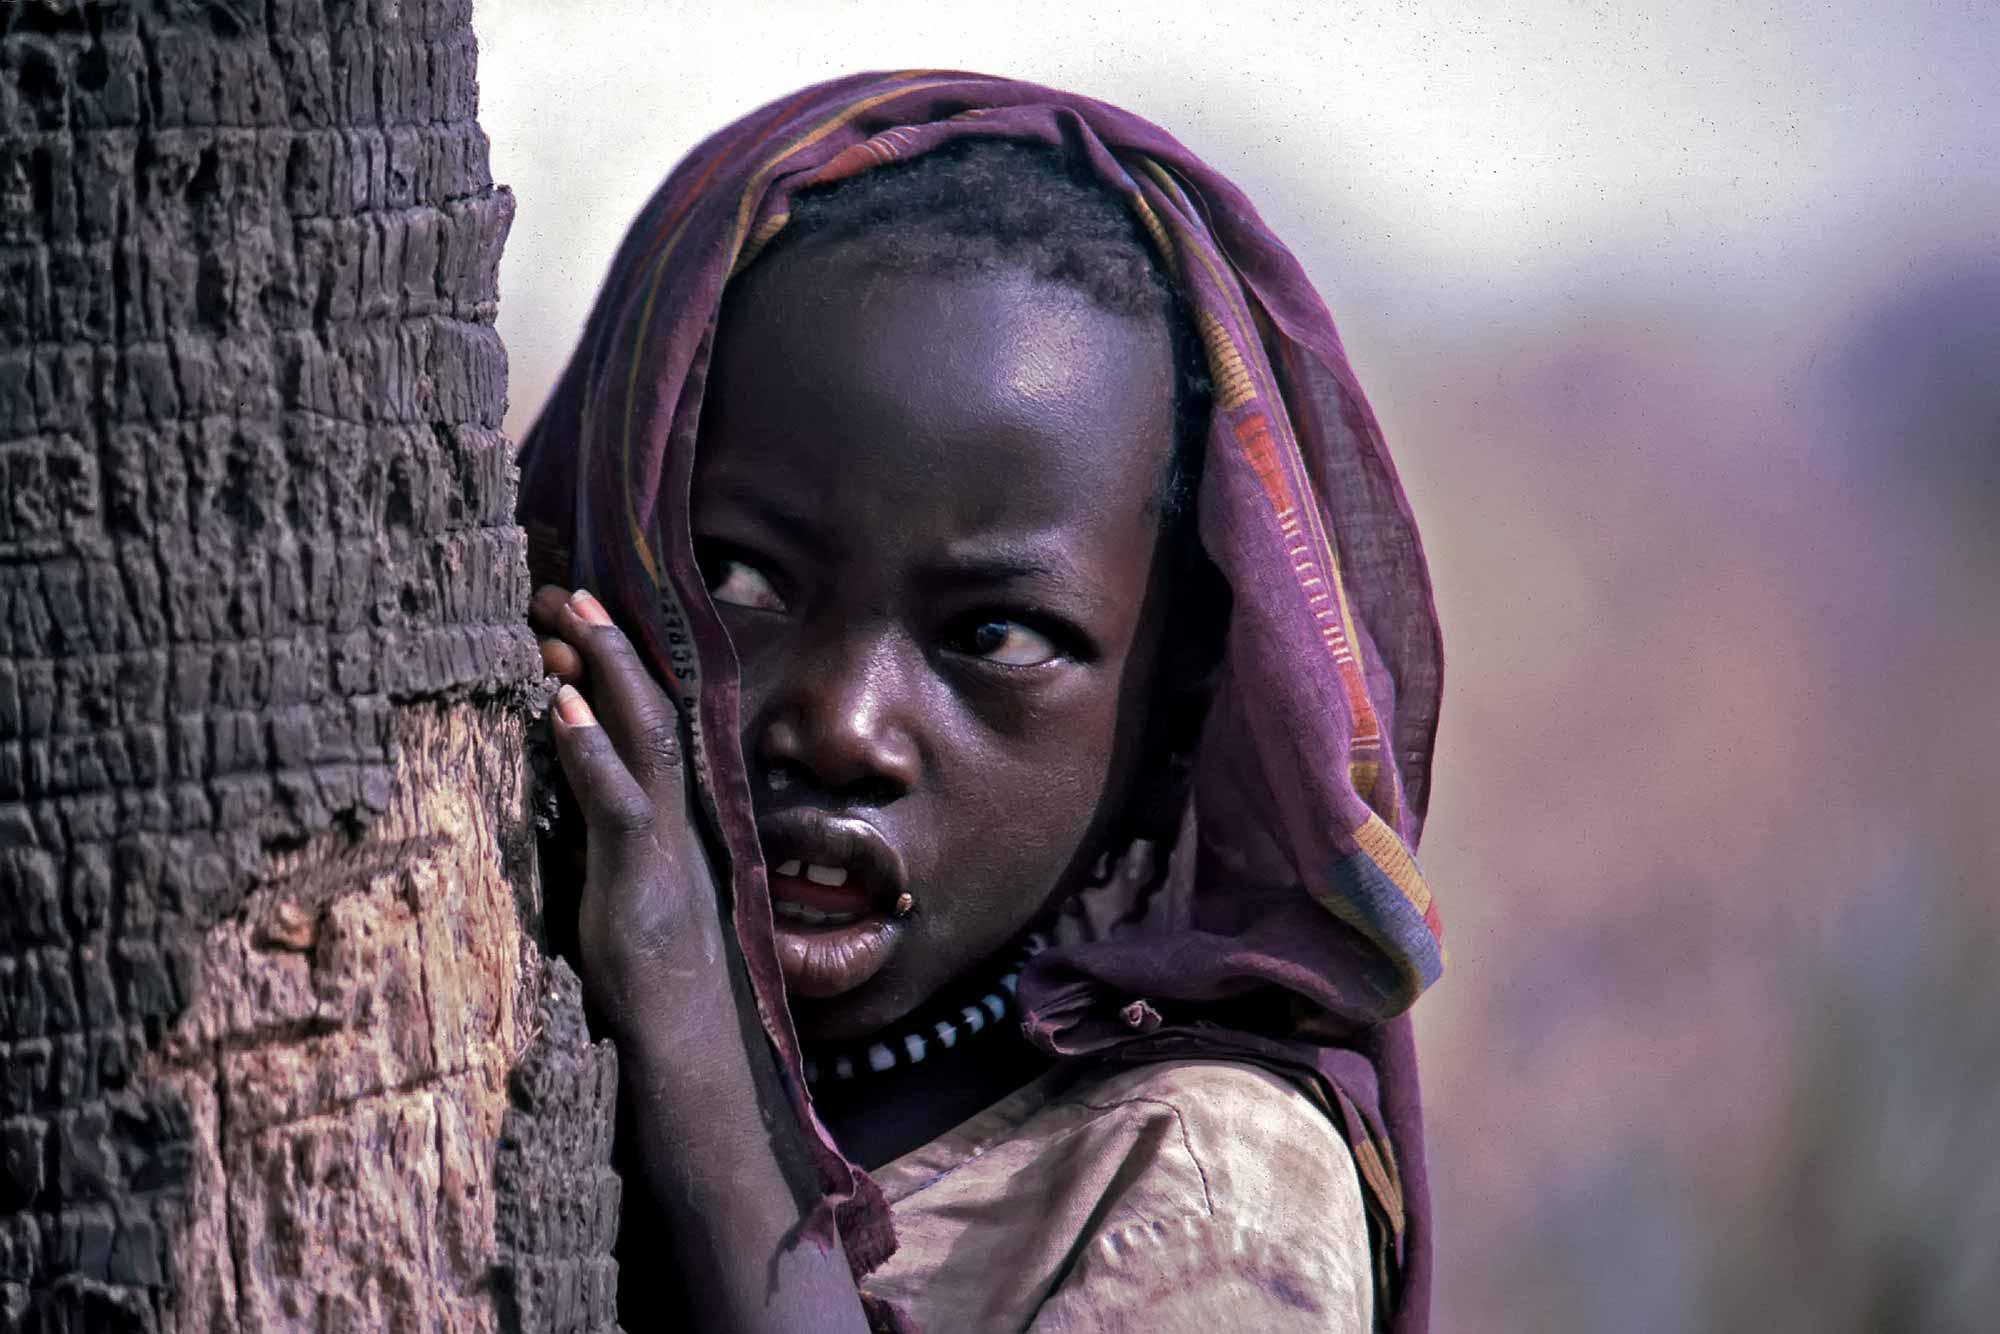 shy-boy-kigali-rwanda-africa